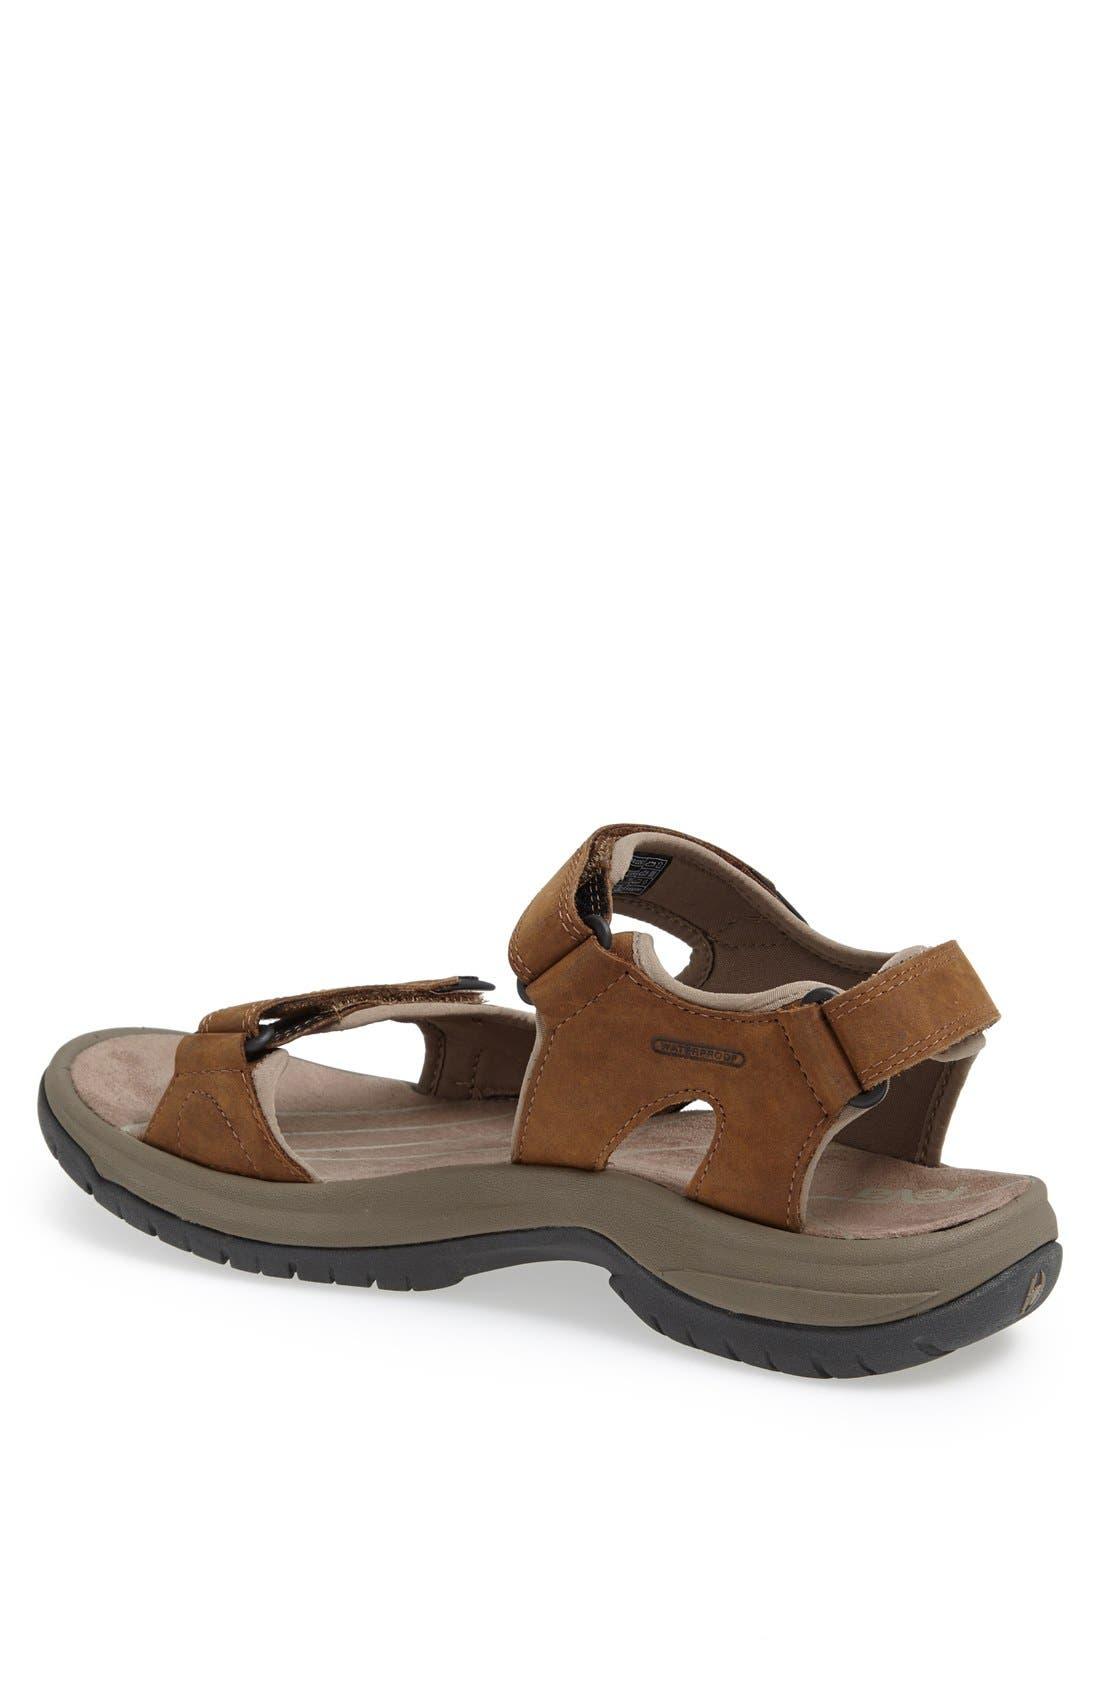 Alternate Image 2  - Teva 'Jetter' Sandal (Men)